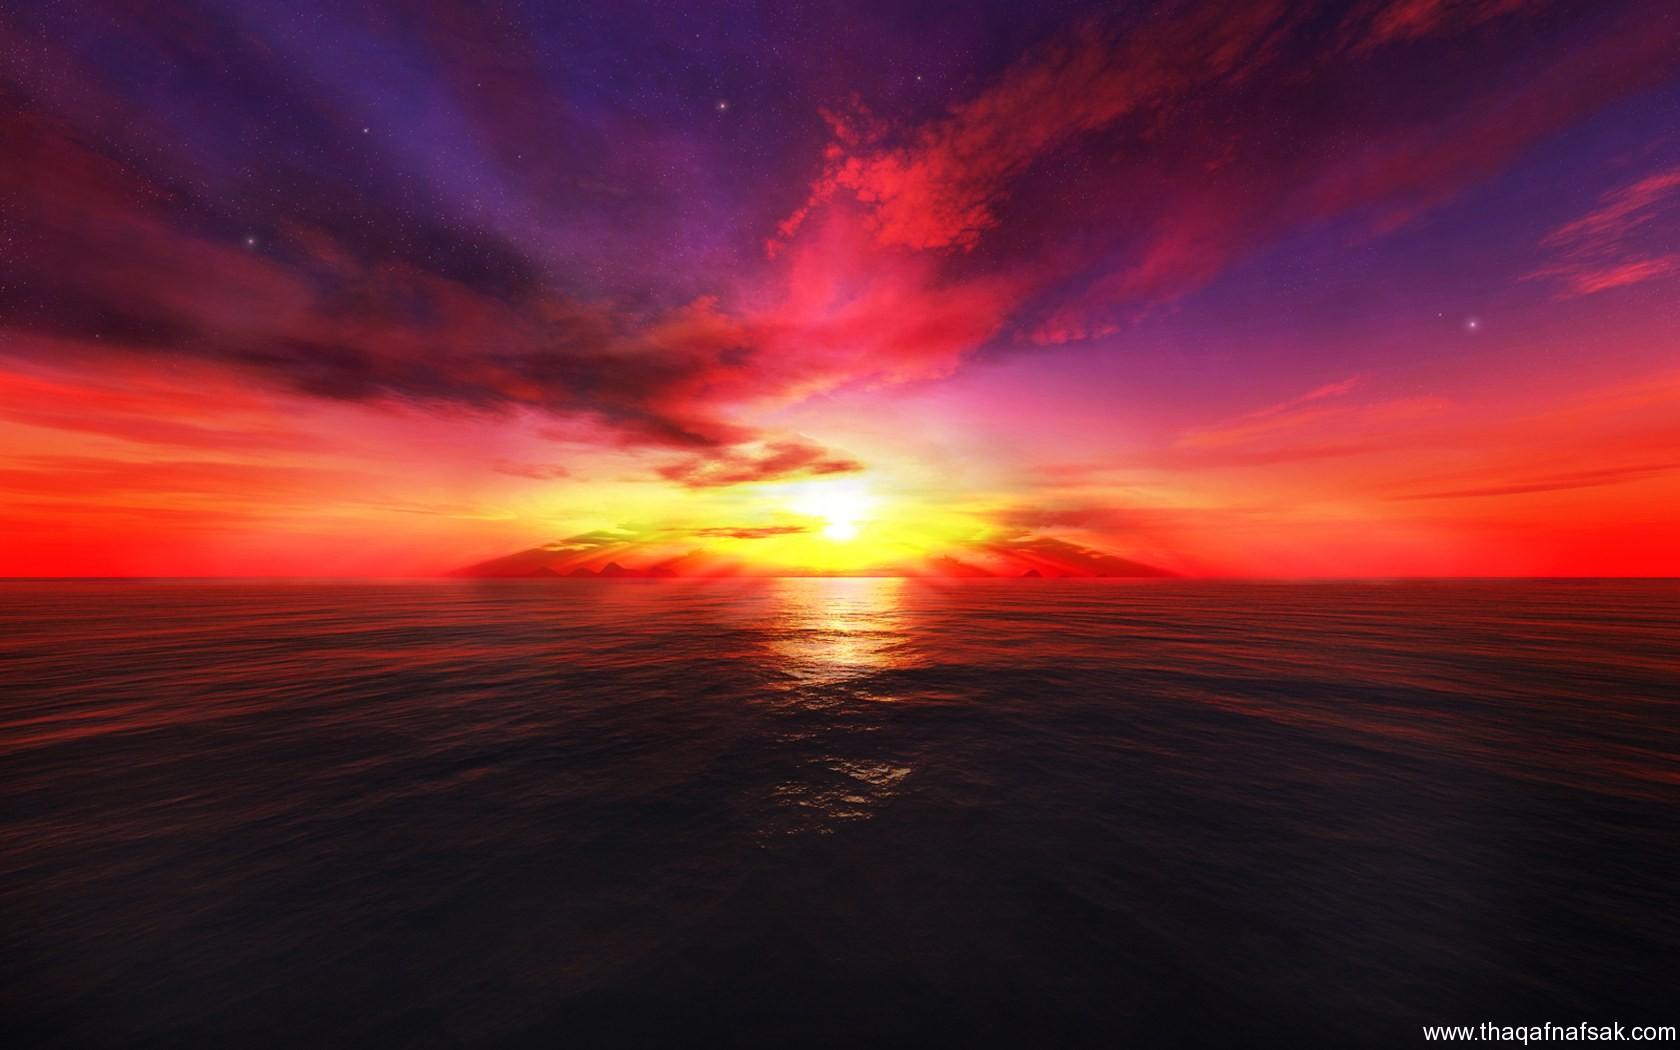 كيف يكون لون السماء ازرق في الشروق أو أحمر في الغروب - photo#47